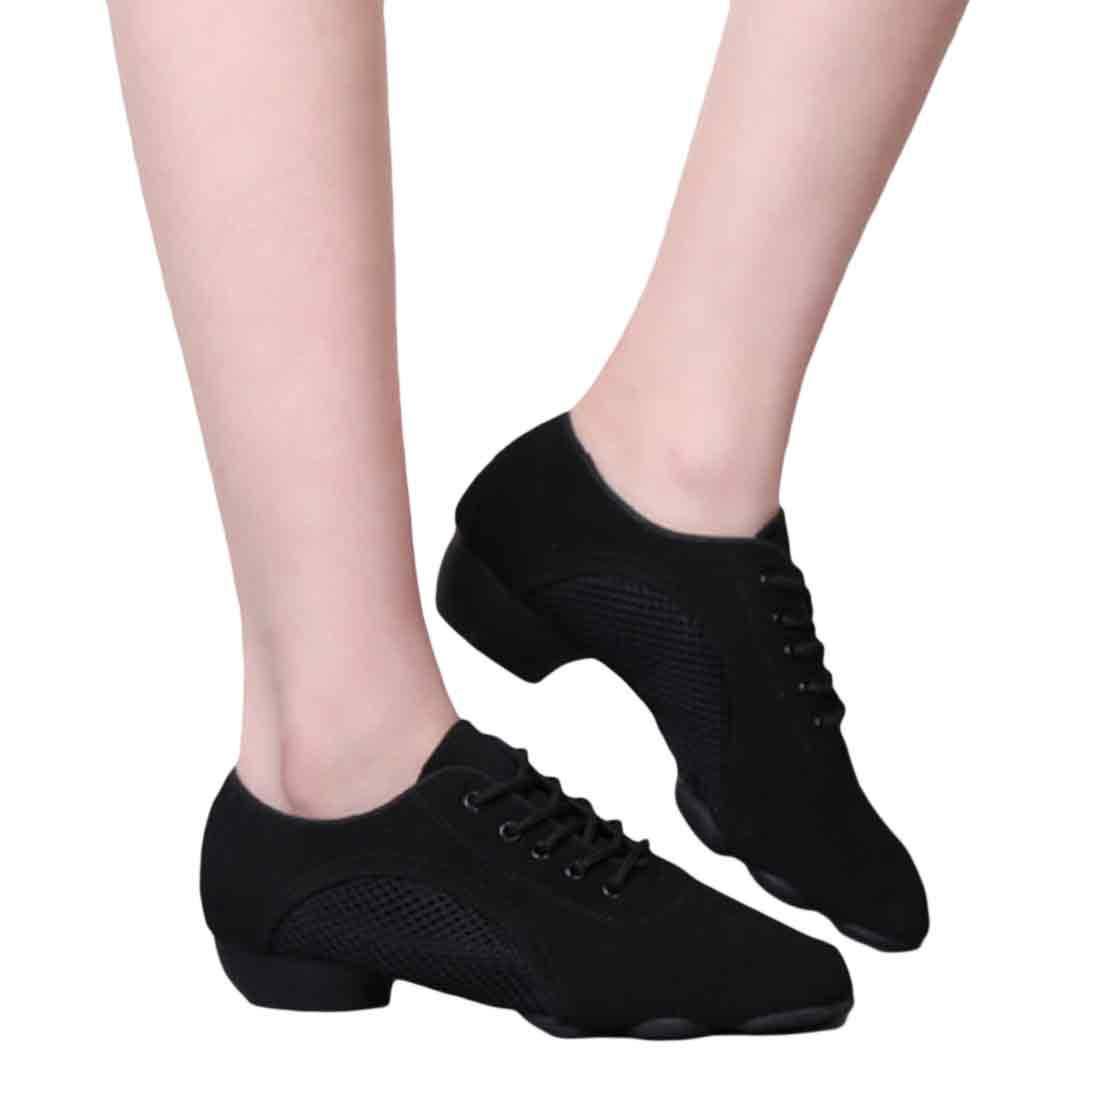 Yefree Zapatillas de Baile con Suela Dividida para Hombres Zapatos con Cordones Ligeros para Practicar Deporte Latino